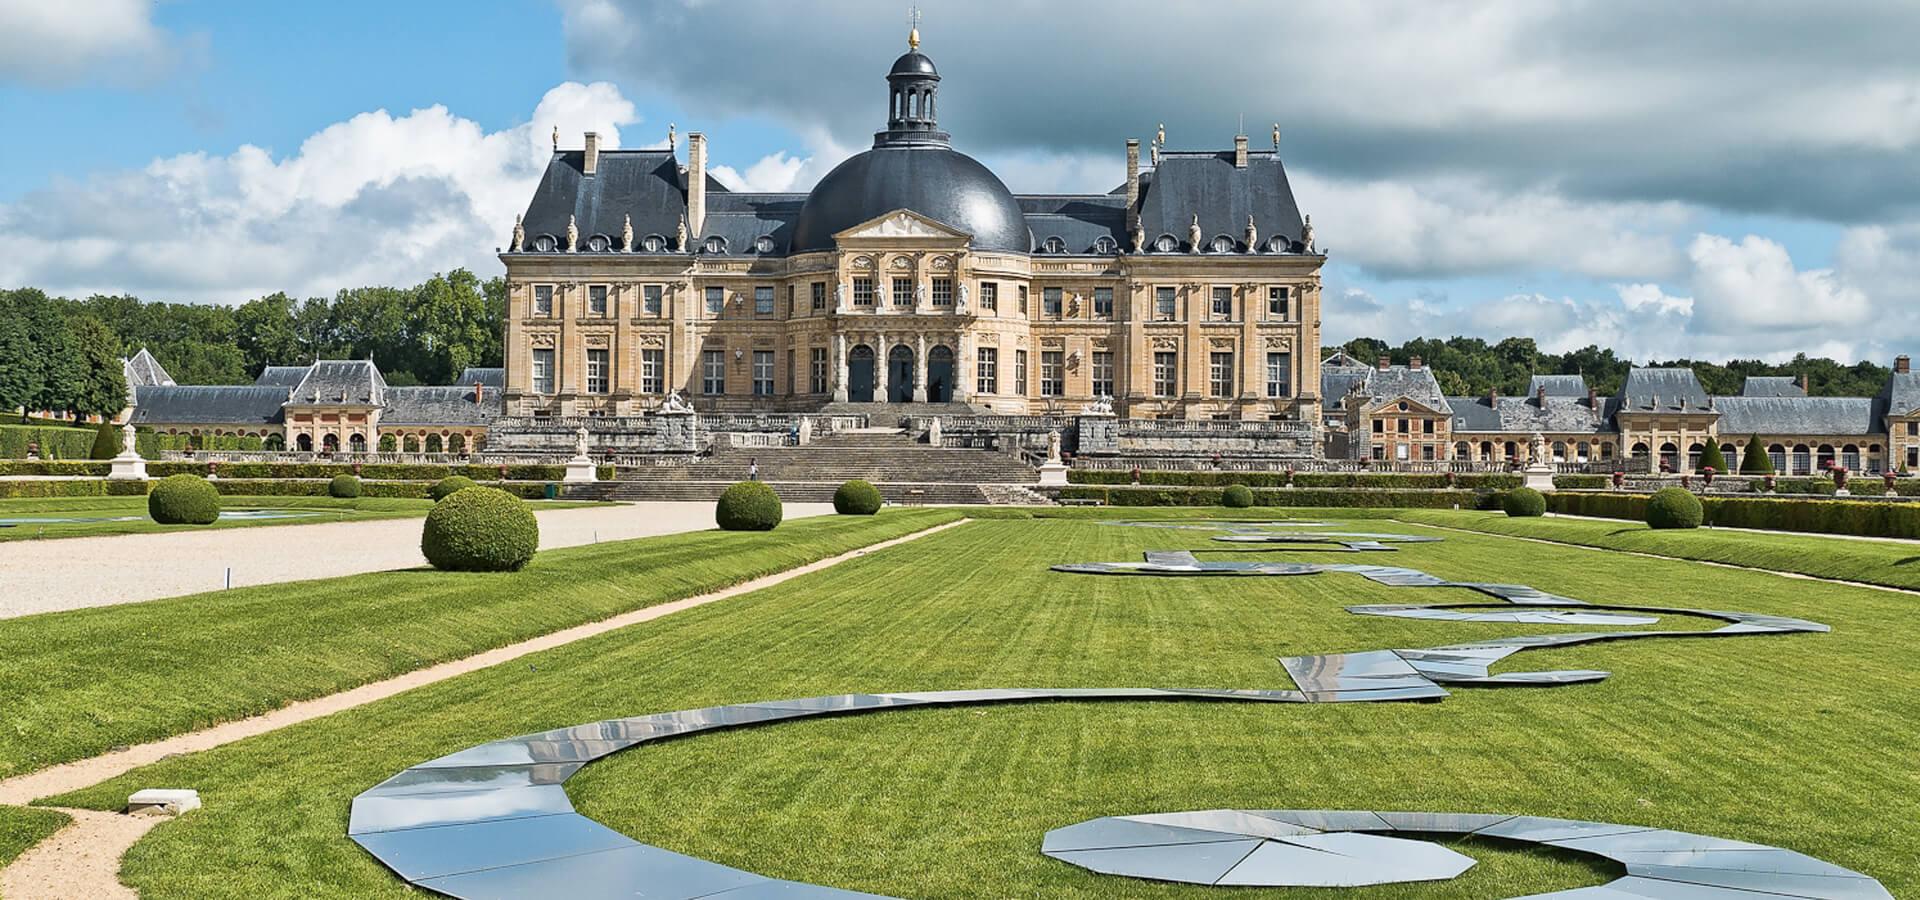 Vaux-le-Vicomte forever